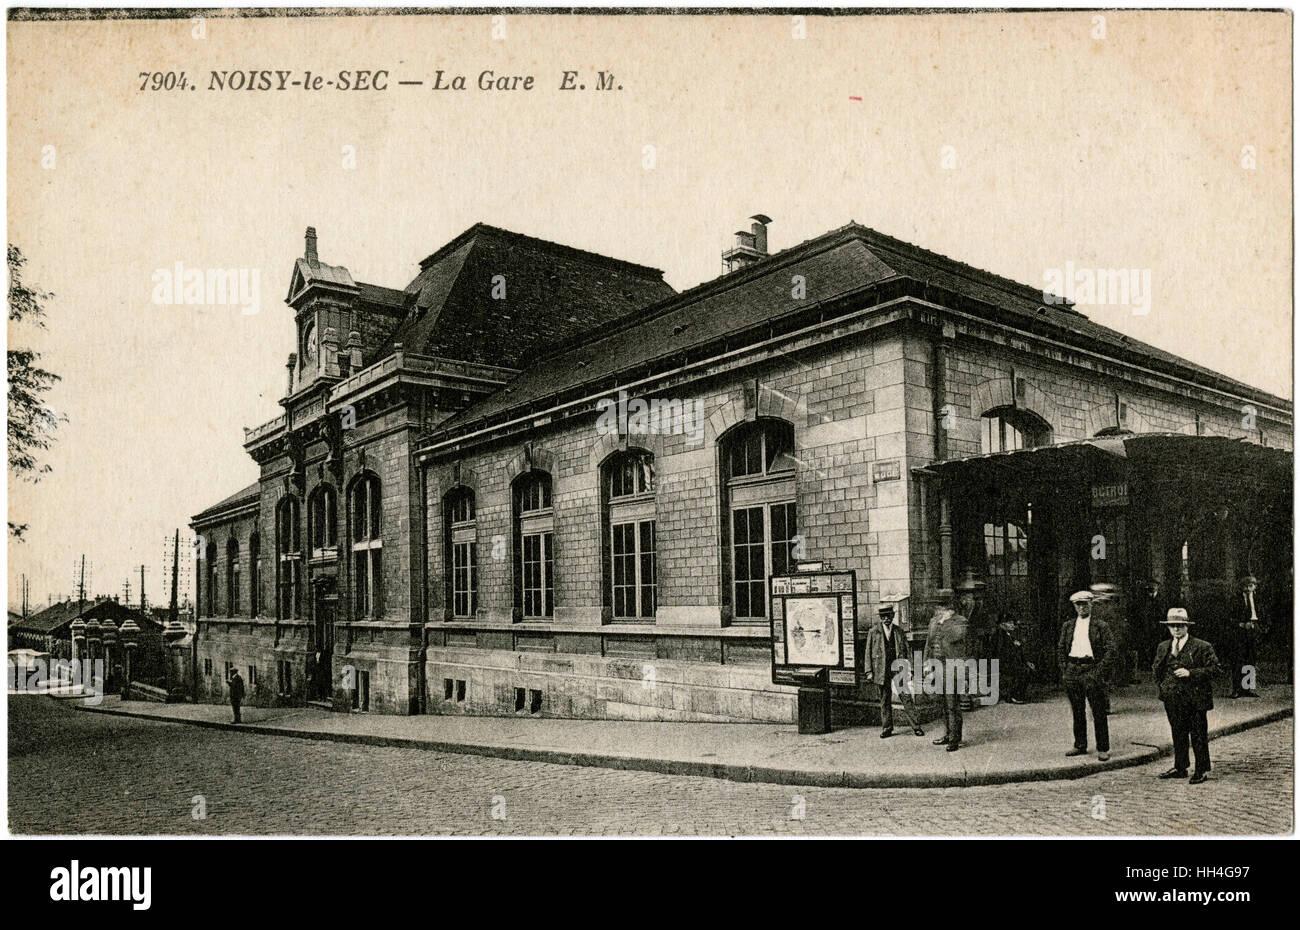 France - la Gare de Noisy-le-Sec, une commune française située dans la banlieue est de Paris. Photo Stock